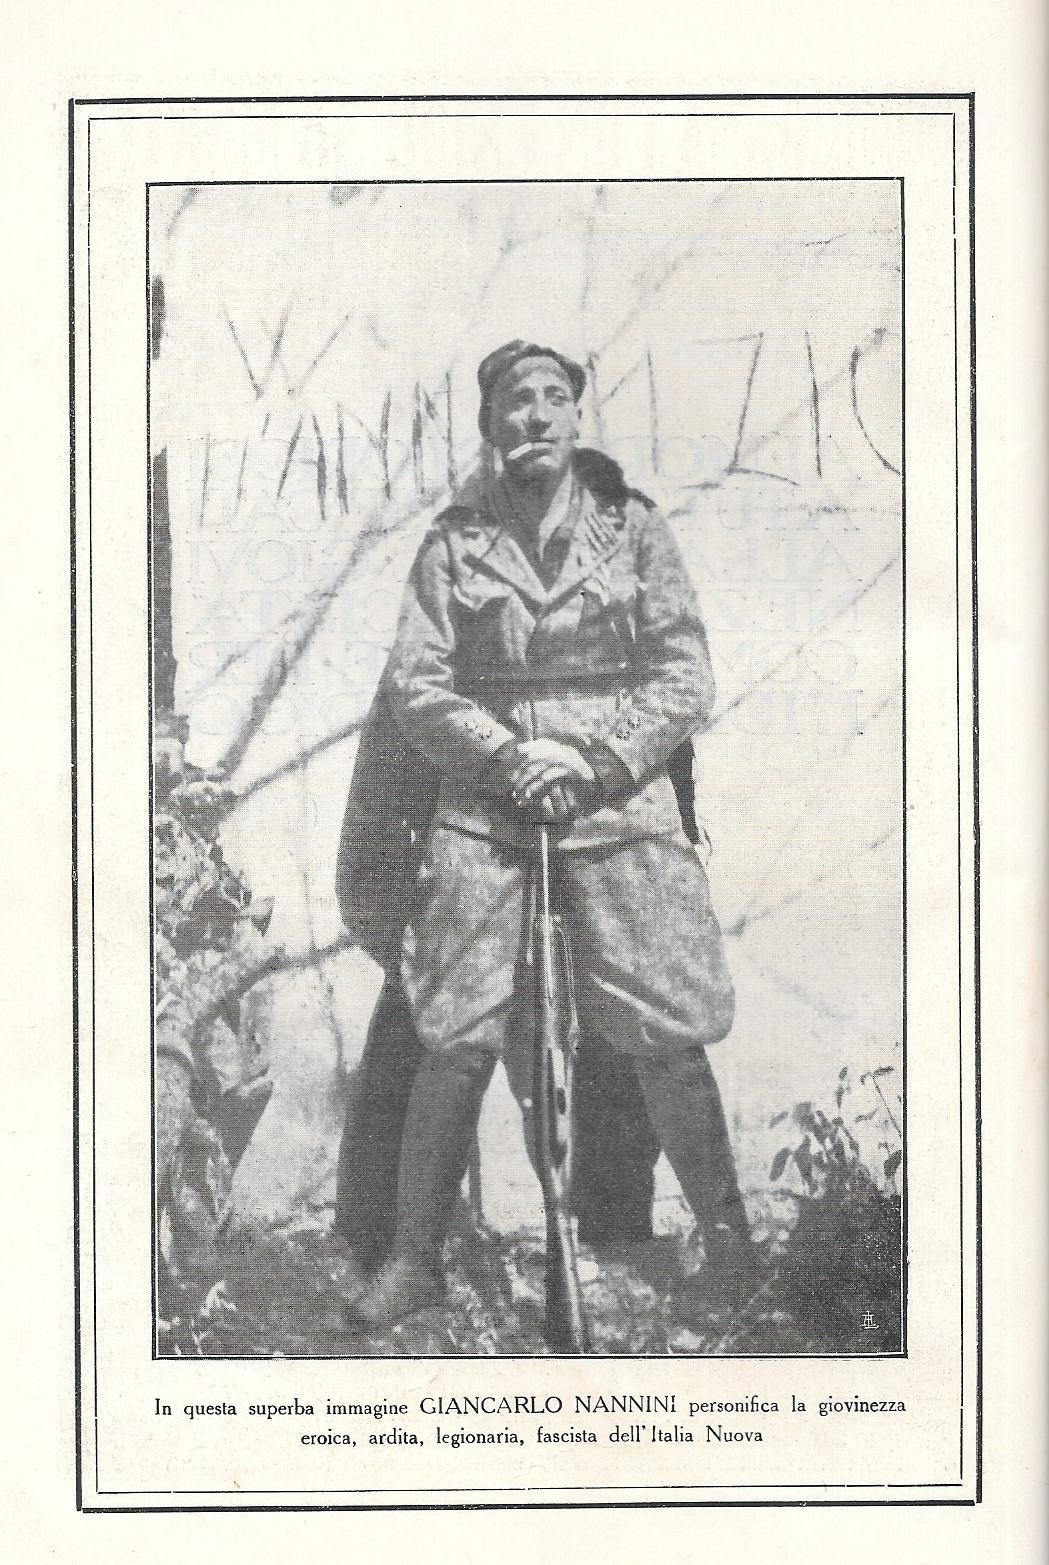 FIUME, 3 MARZO 1922:  cannonate squisitamente fasciste   (2^ parte) – Giacinto Reale